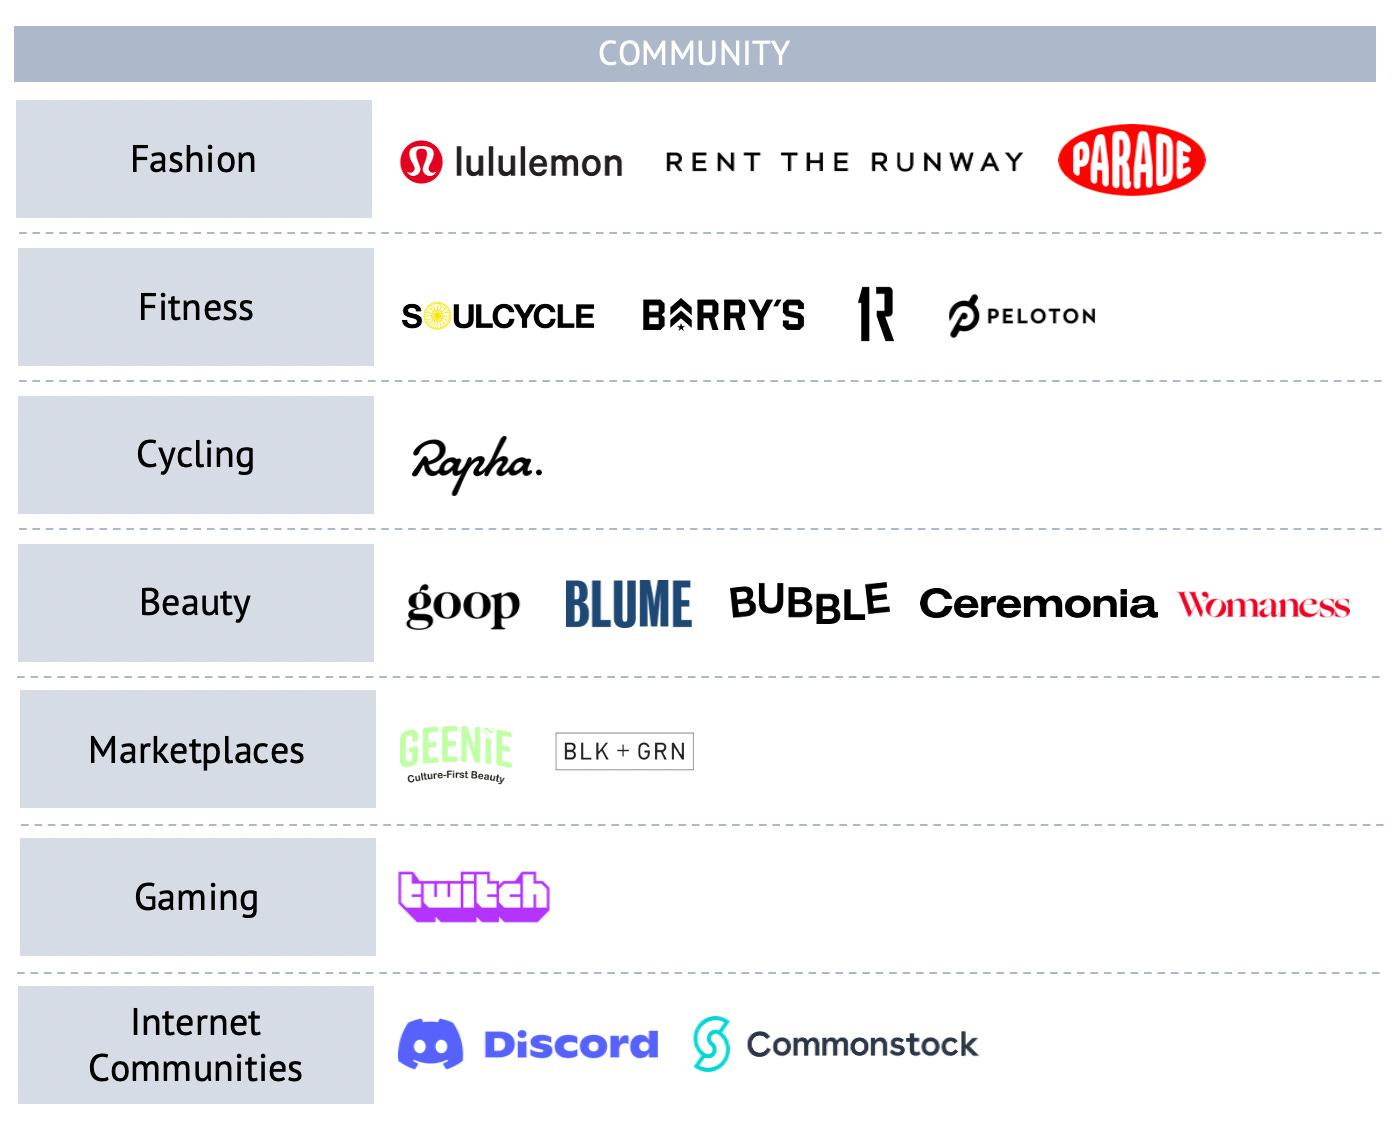 Community-focused brands